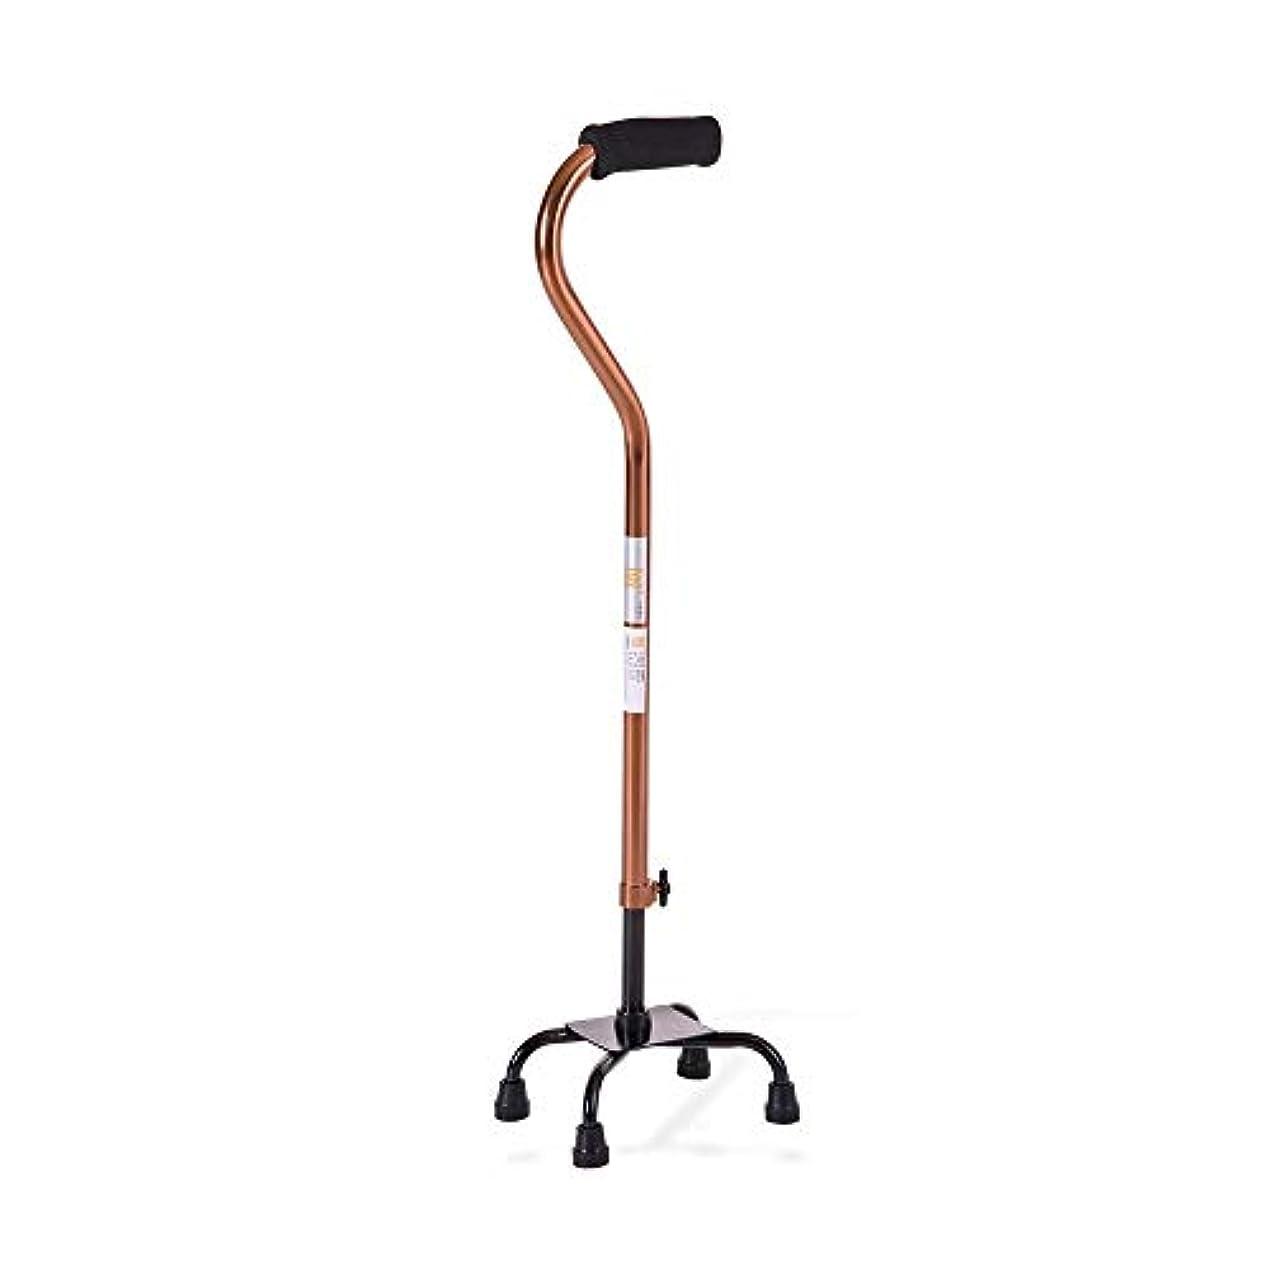 不潔昇る衝撃エクストラストロングベース付きの調整可能な4本脚の杖